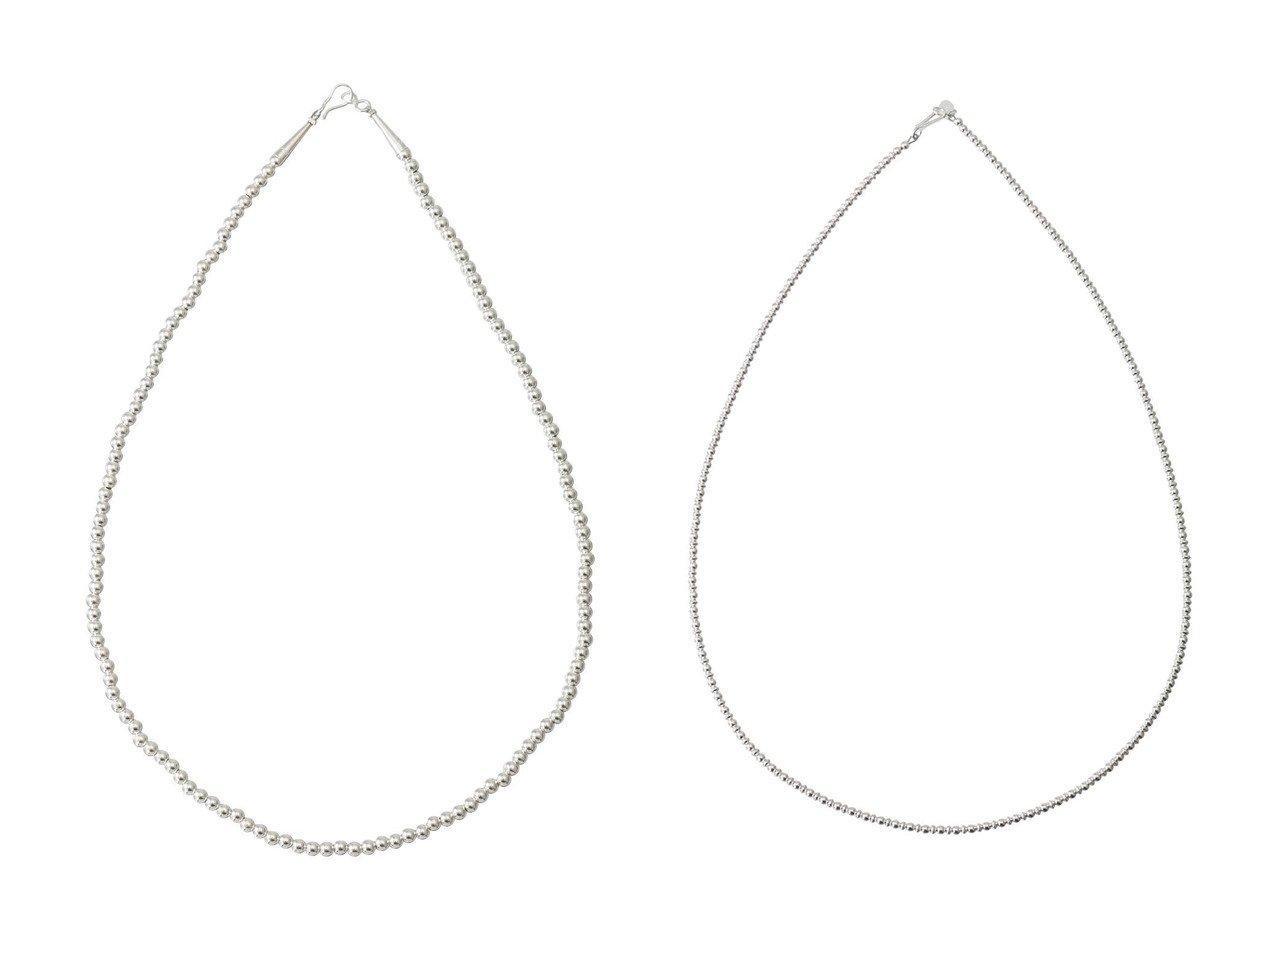 【heliopole/エリオポール】の【HARPO】4mm silver beads ネックレス&【HARPO】3mm silver beads ネックレス おすすめ!人気、トレンド・レディースファッションの通販  おすすめで人気の流行・トレンド、ファッションの通販商品 インテリア・家具・メンズファッション・キッズファッション・レディースファッション・服の通販 founy(ファニー) https://founy.com/ ファッション Fashion レディースファッション WOMEN ジュエリー Jewelry ネックレス Necklaces 2020年 2020 2020-2021秋冬・A/W AW・Autumn/Winter・FW・Fall-Winter/2020-2021 2021年 2021 2021-2022秋冬・A/W AW・Autumn/Winter・FW・Fall-Winter・2021-2022 A/W・秋冬 AW・Autumn/Winter・FW・Fall-Winter ジュエリー ネックレス  ID:crp329100000063098